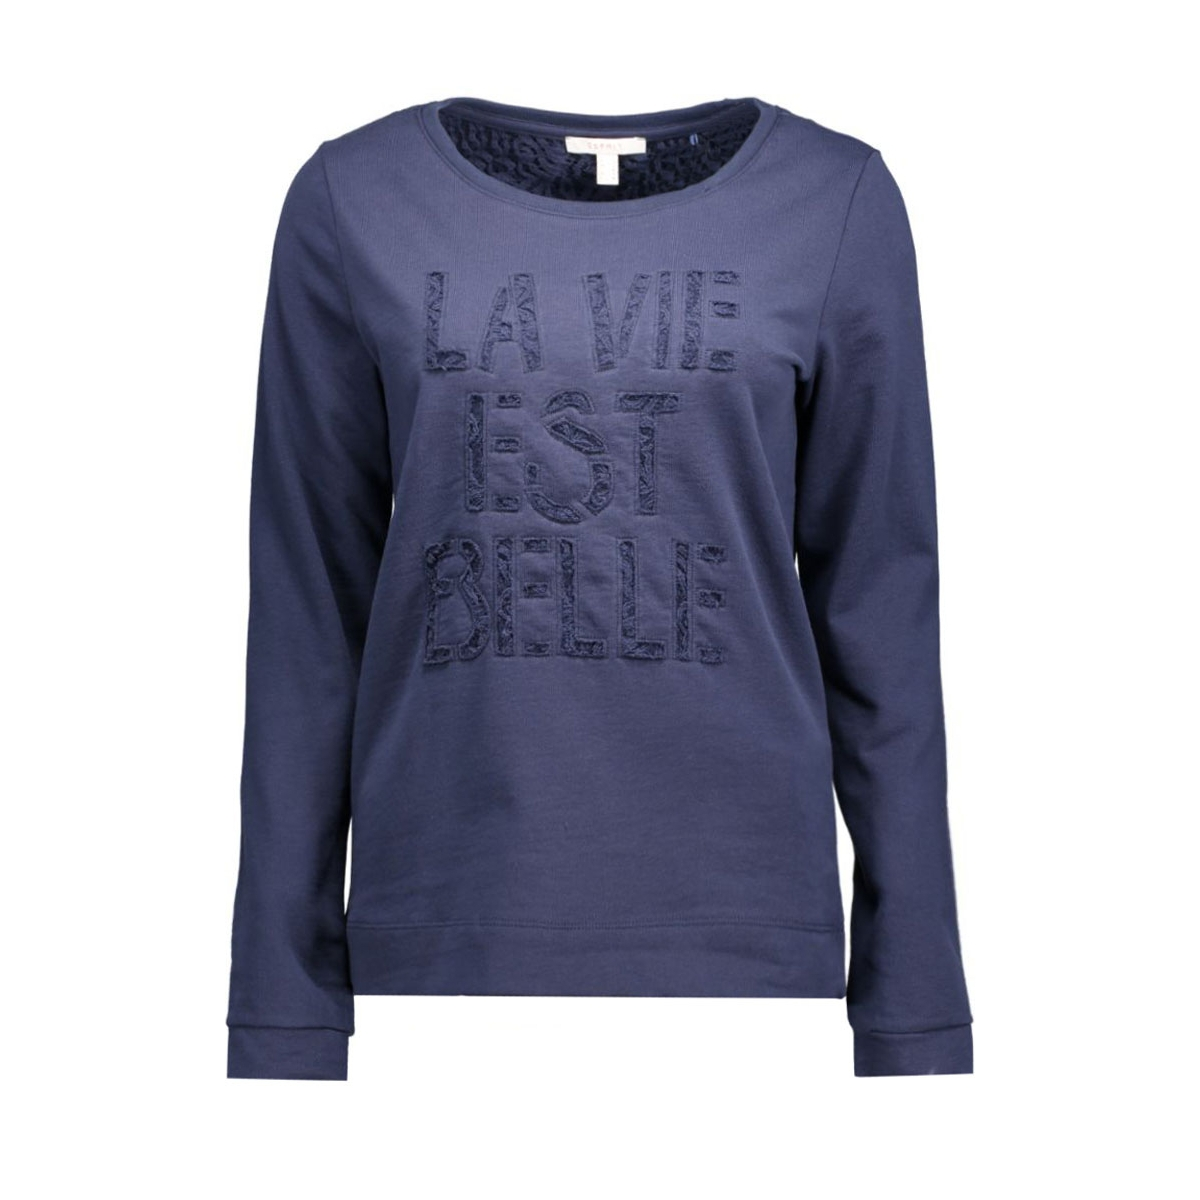 086ee1j007 esprit sweater e400